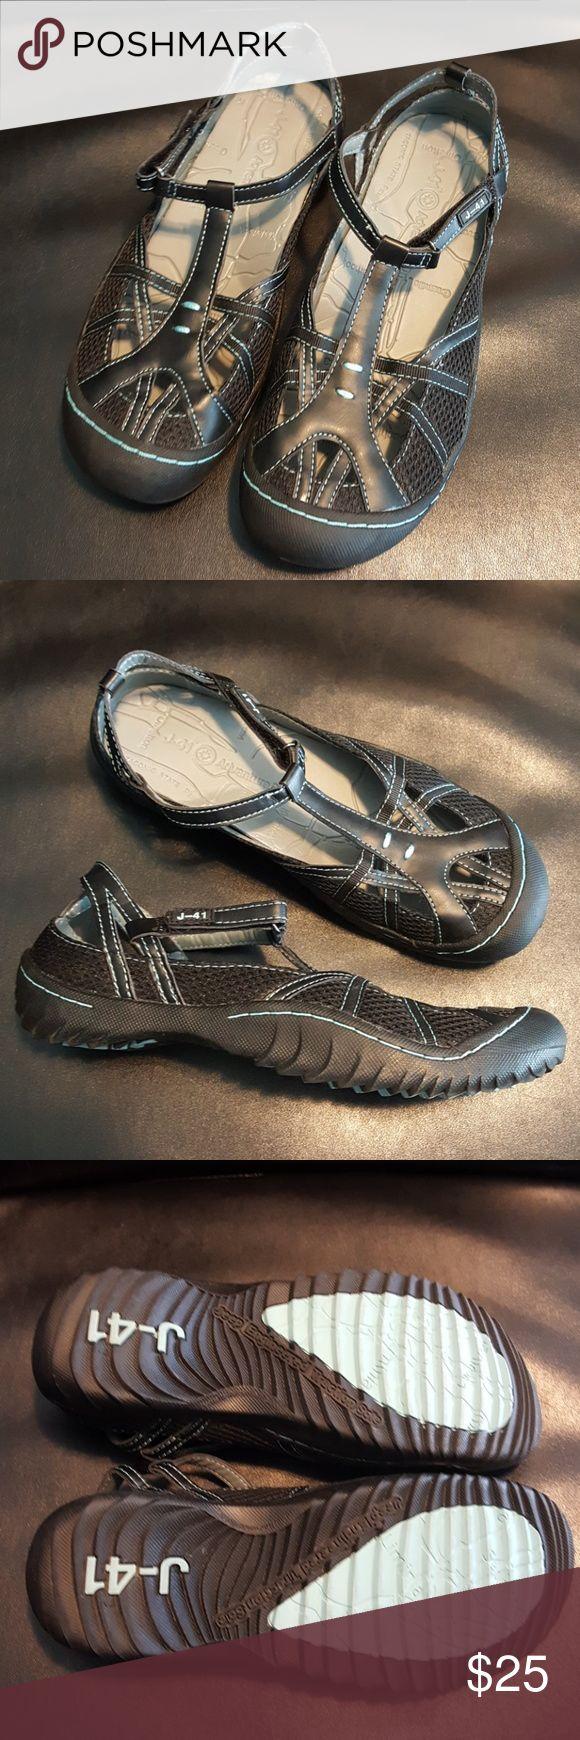 J-41 Jeep Adventure On Shoes Great summer shoe! size 7M, excellent condition. J-41 Shoes Sandals